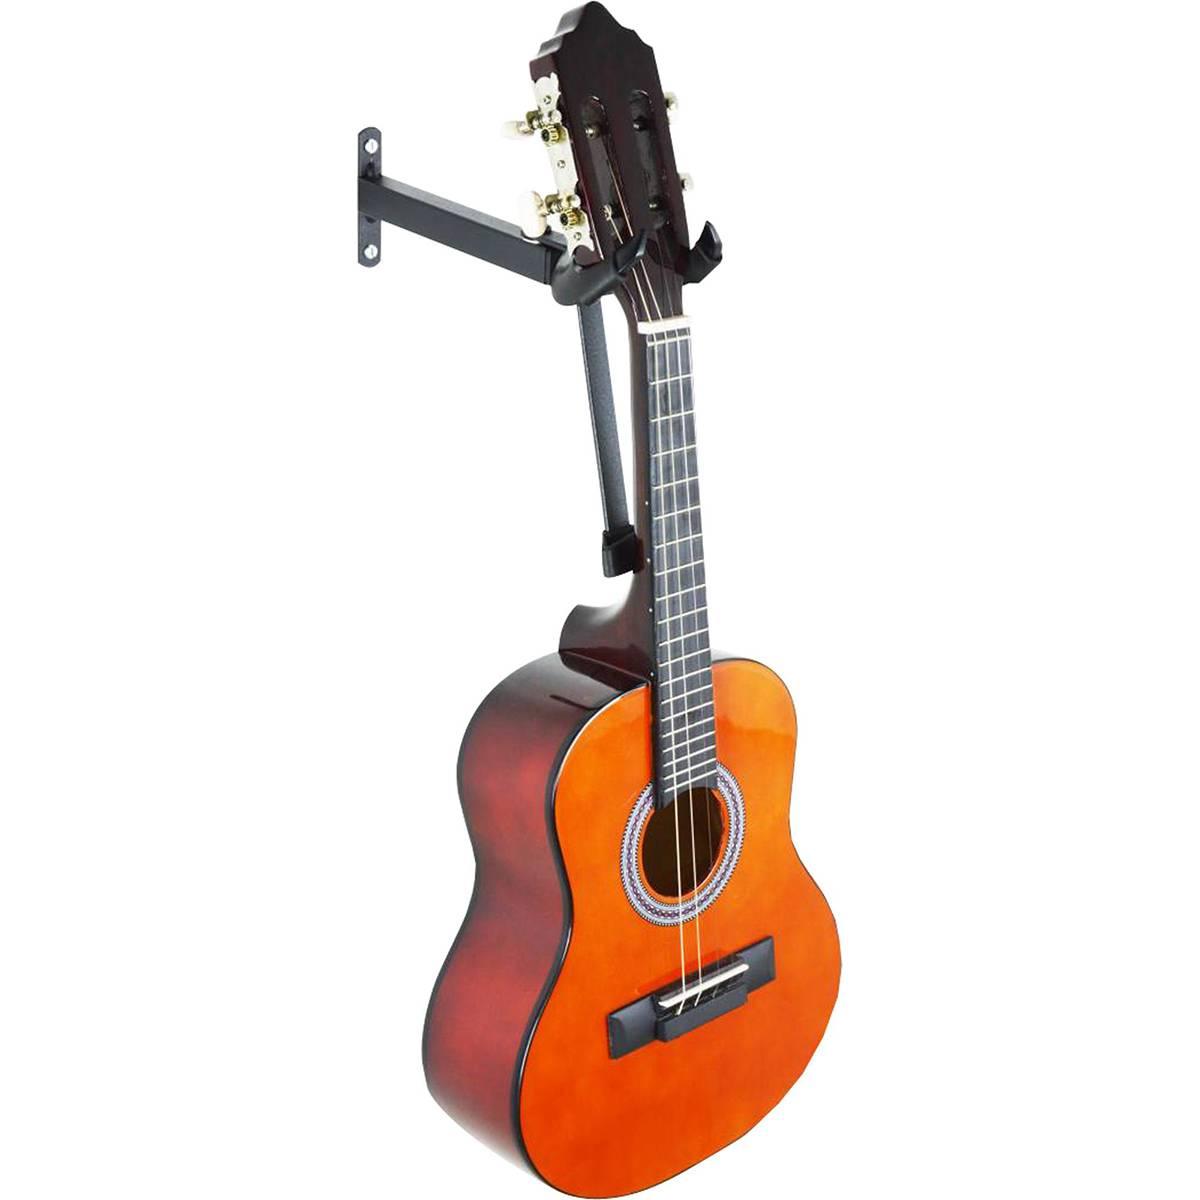 Suporte de Parede para Violão, Guitarra e Baixo com Apoio e Articulação - Ask - Loja Portal